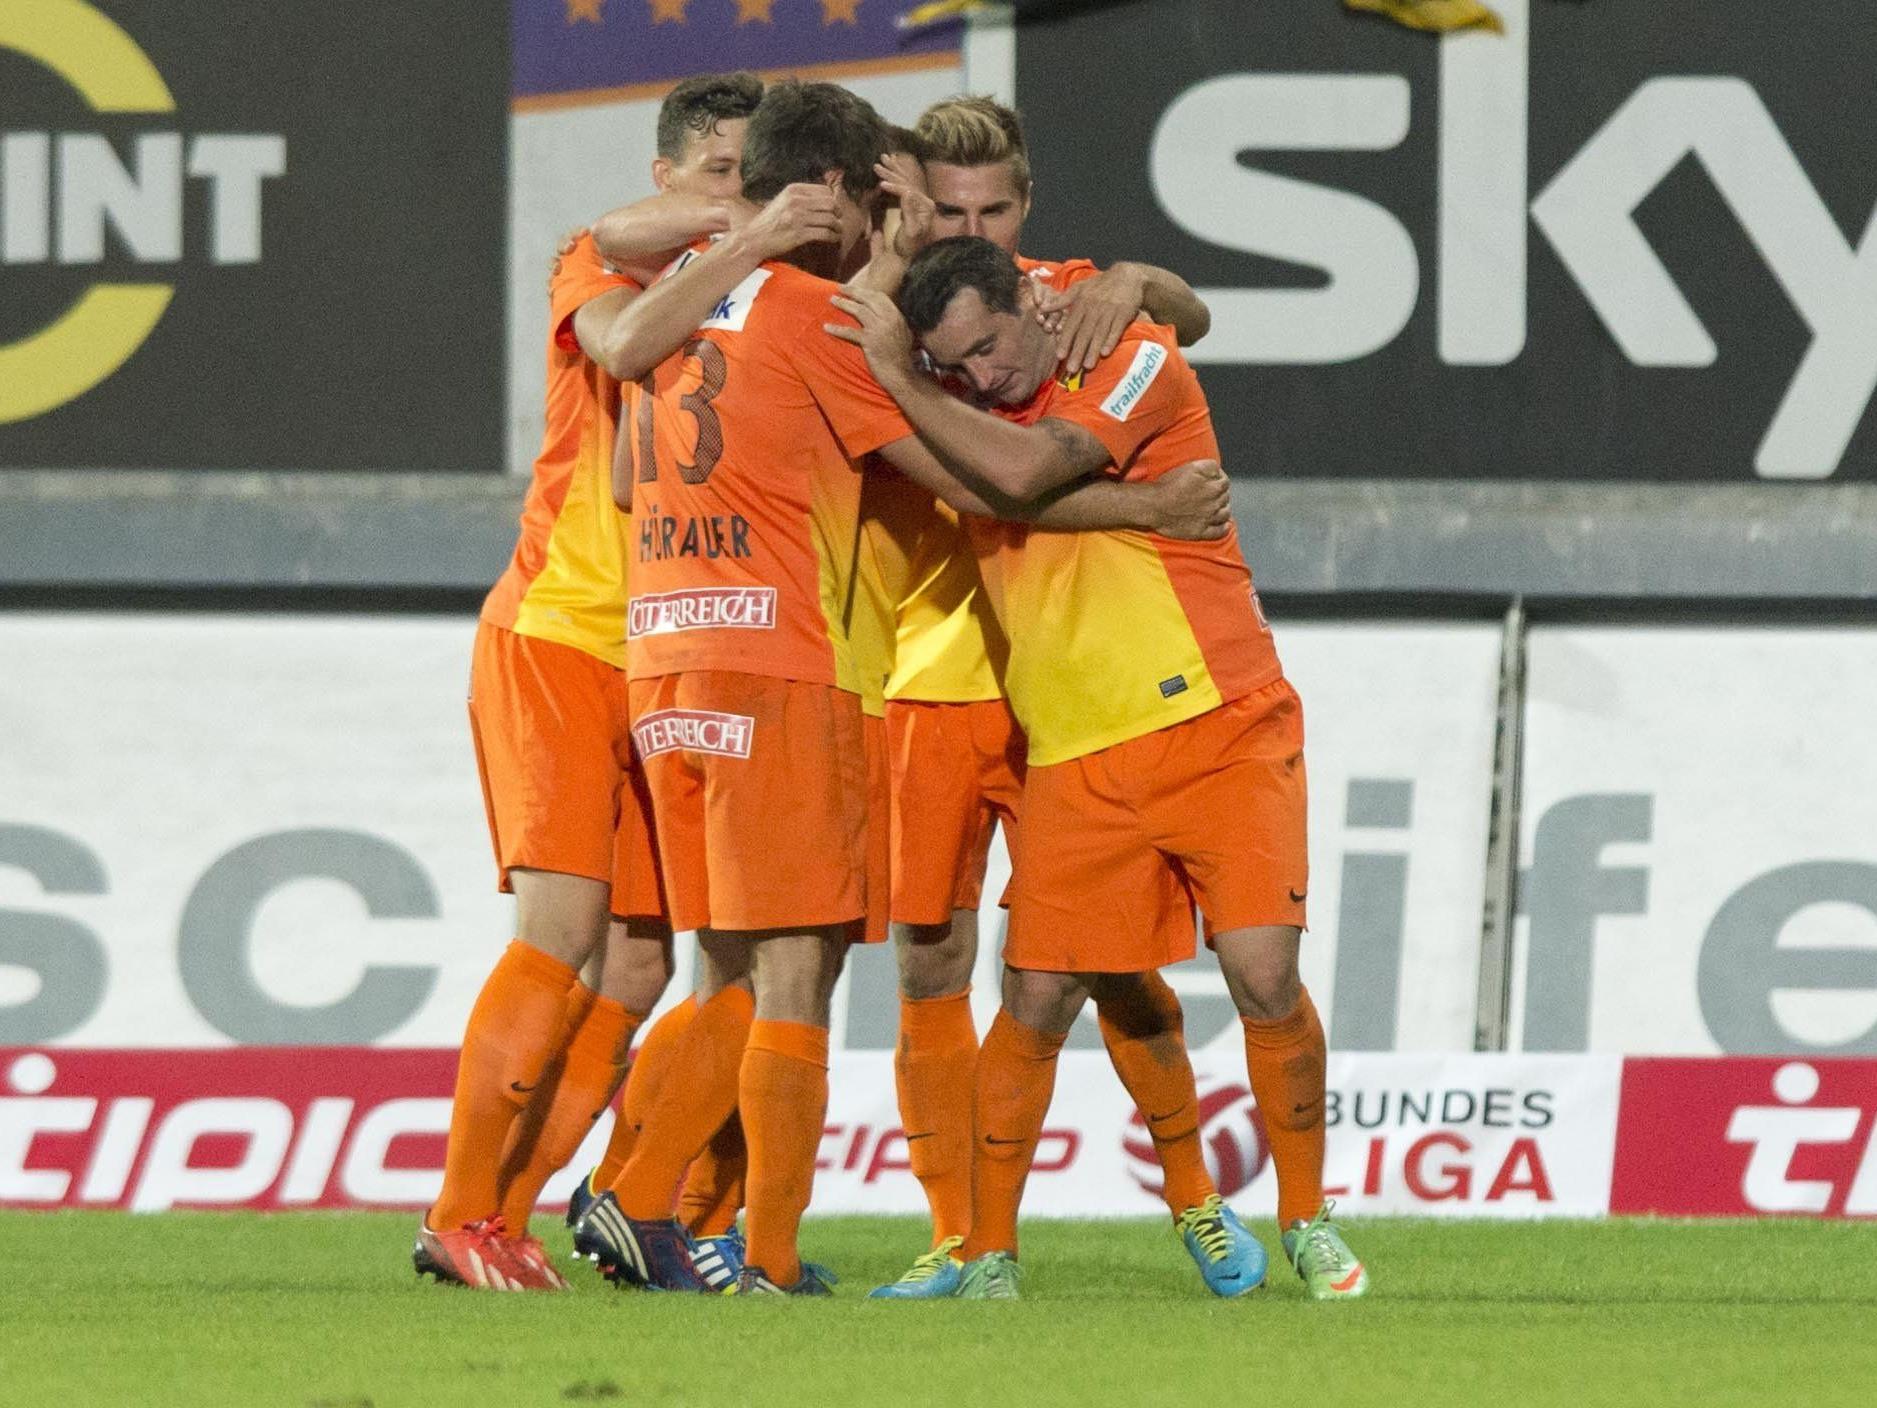 LIVE-Ticker zum Spiel SC Wiener Neustadt gegen FC Admira Wacker Mödling ab 19.00 Uhr.